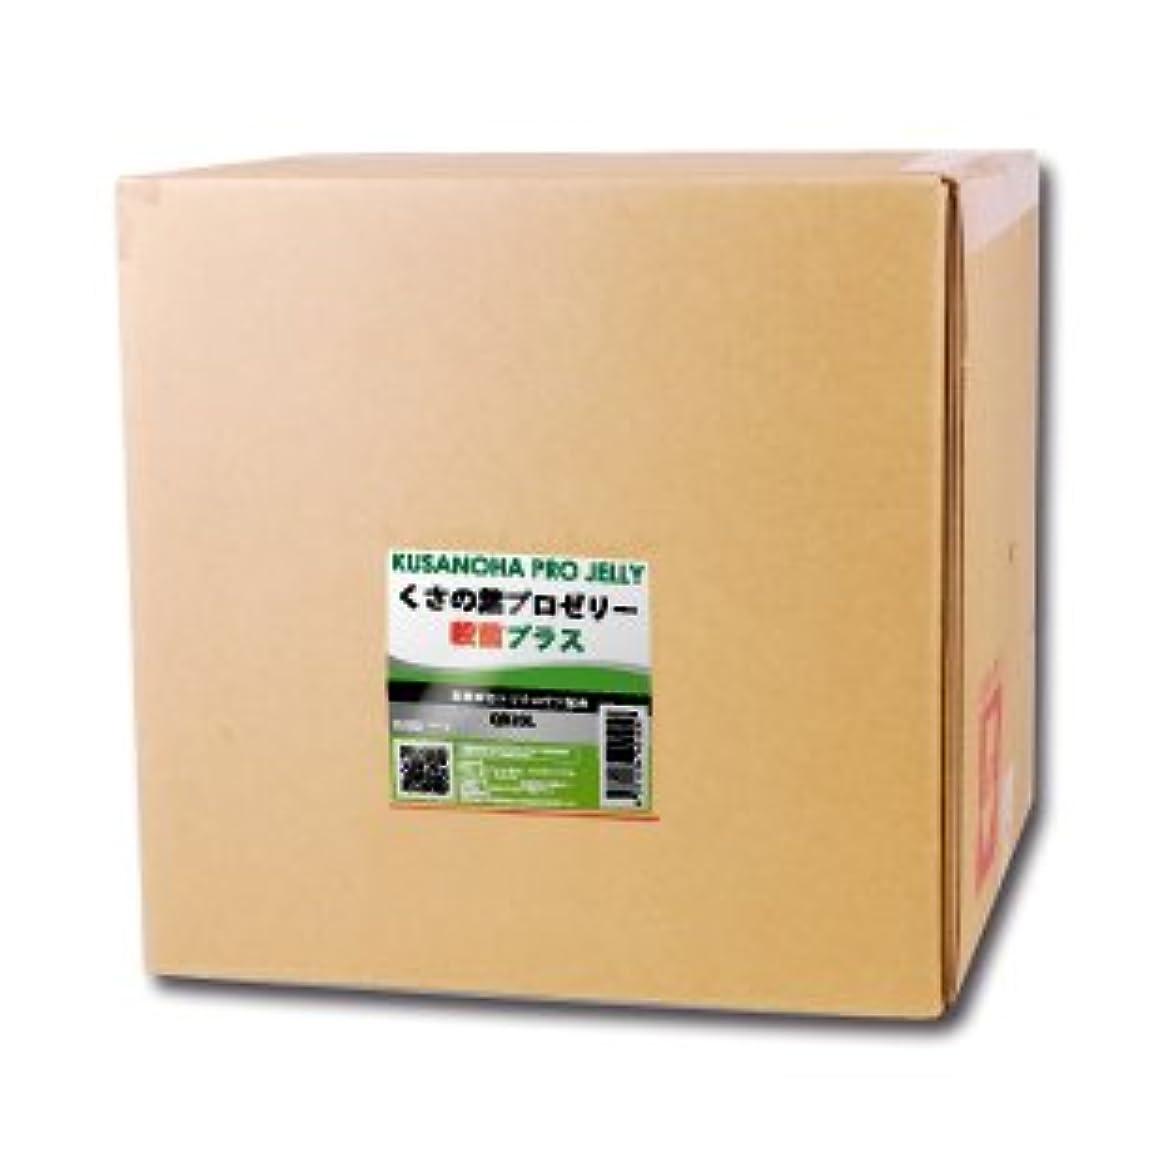 必要性遅れタックルくさの葉プロゼリー除菌プラス 20L キュービーテナー コック付き│除菌ローション トリクロサン配合 業務用 プロ仕様